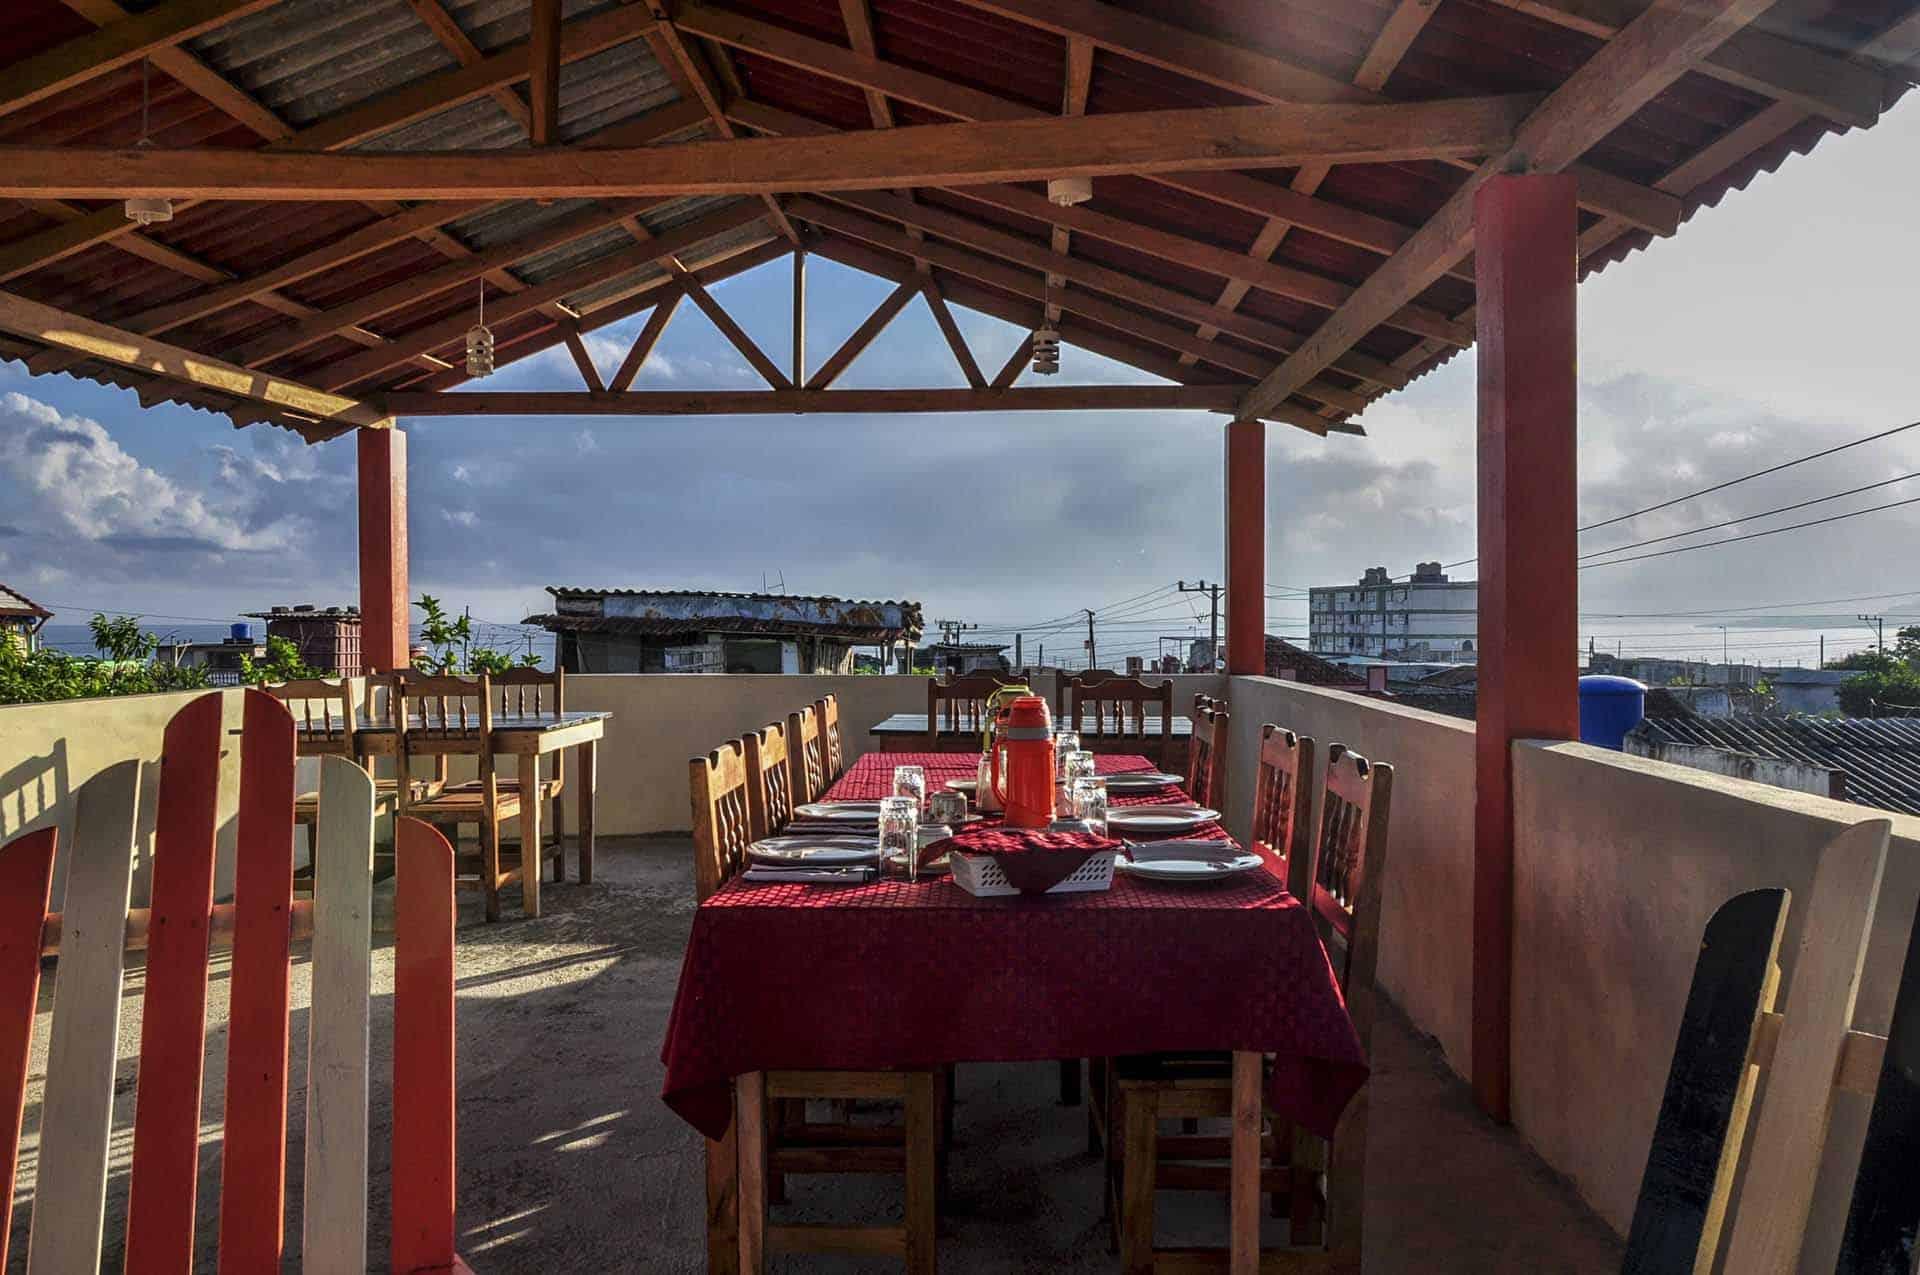 C0139 64 69 Casa Grande Jose 04 cuba autrement